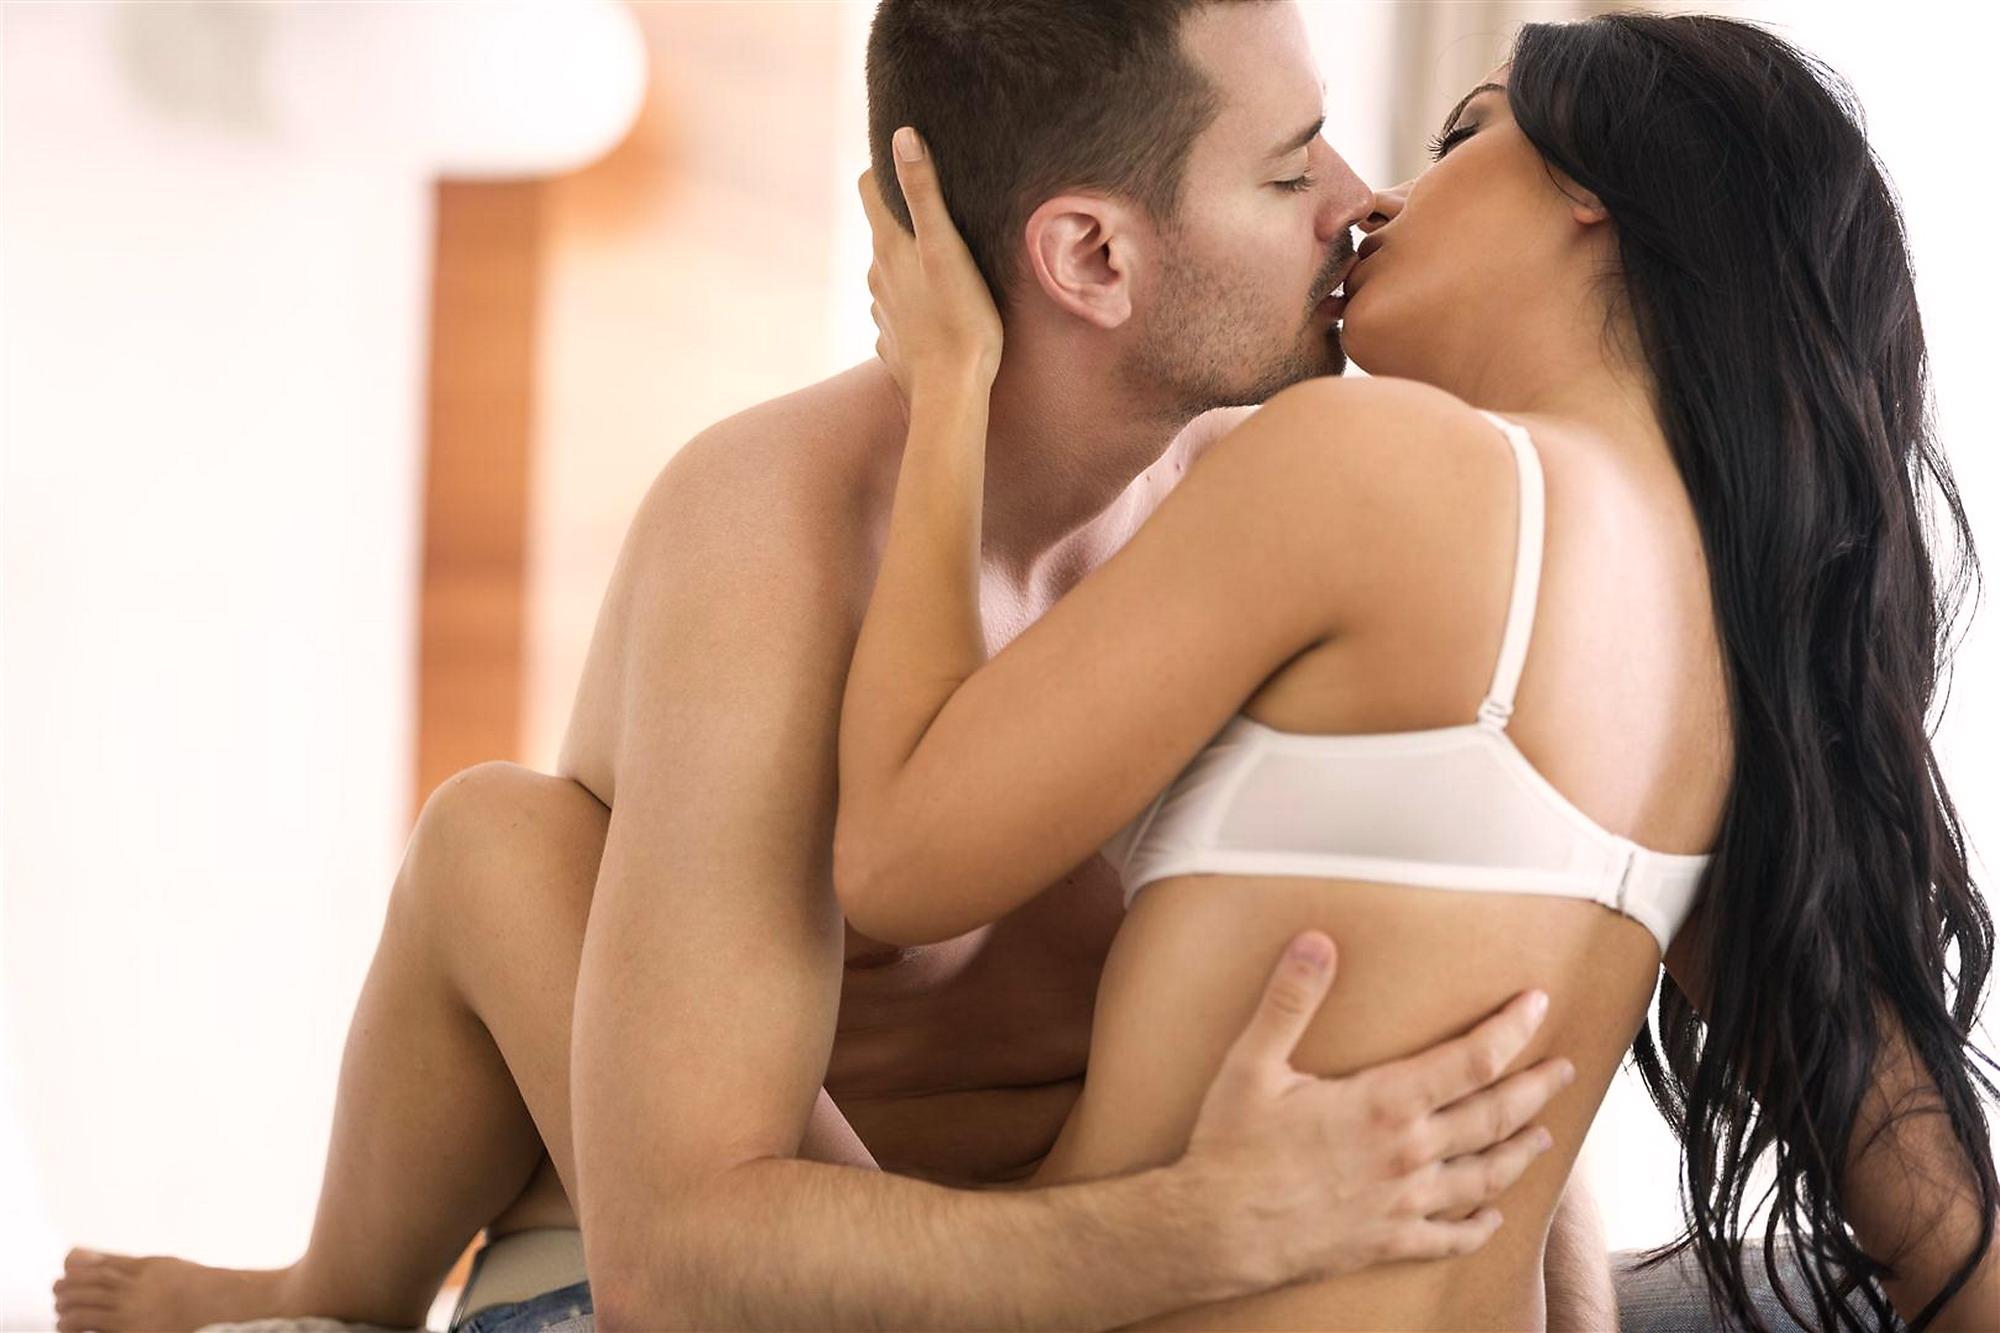 problemi di orgasmo femminile